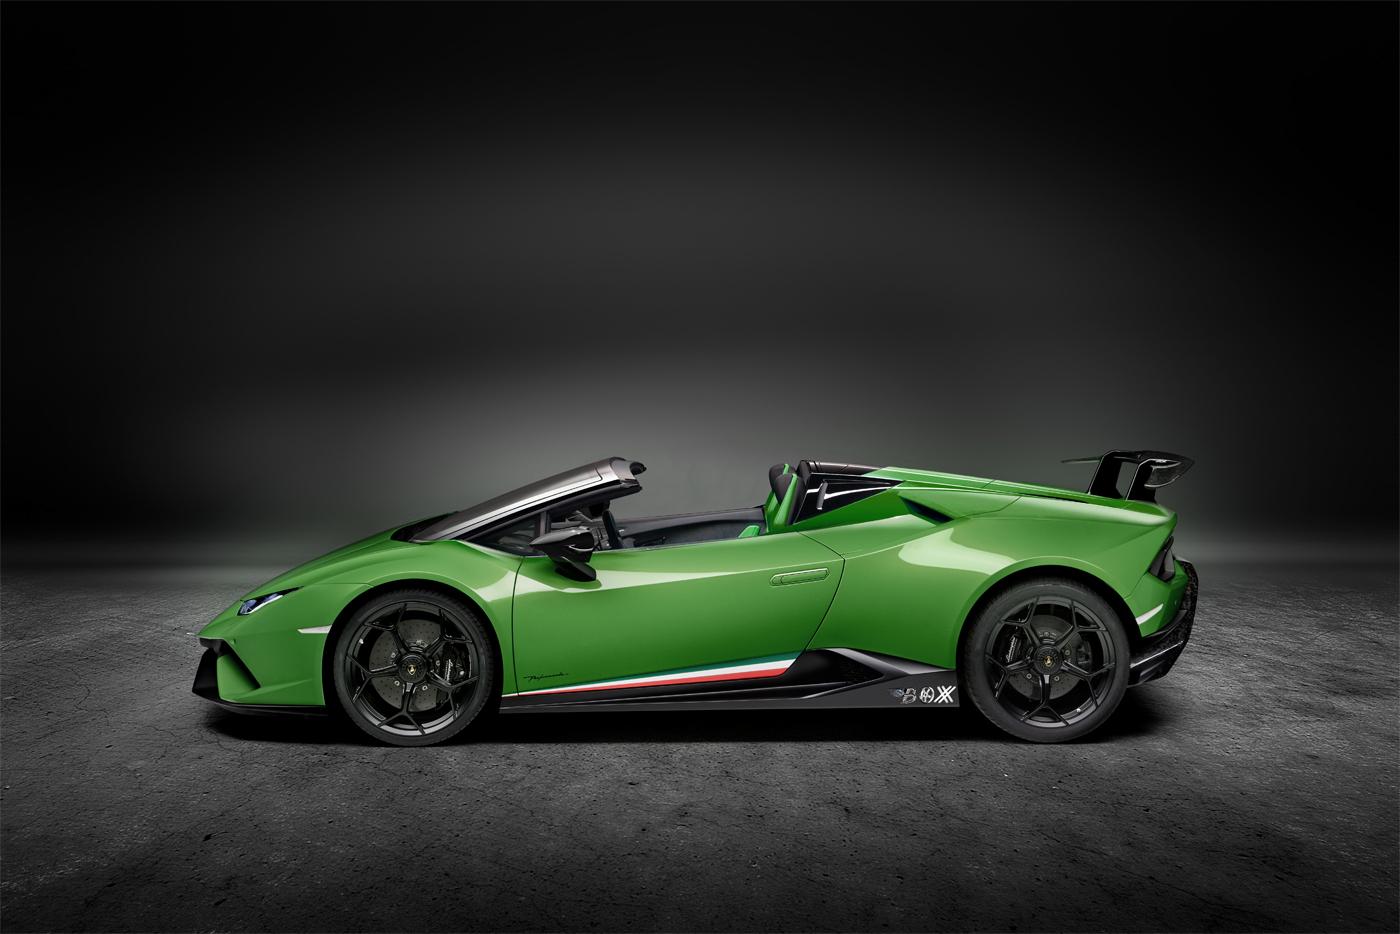 Lamborghini Huracan Performante Spyder Renderings (1)